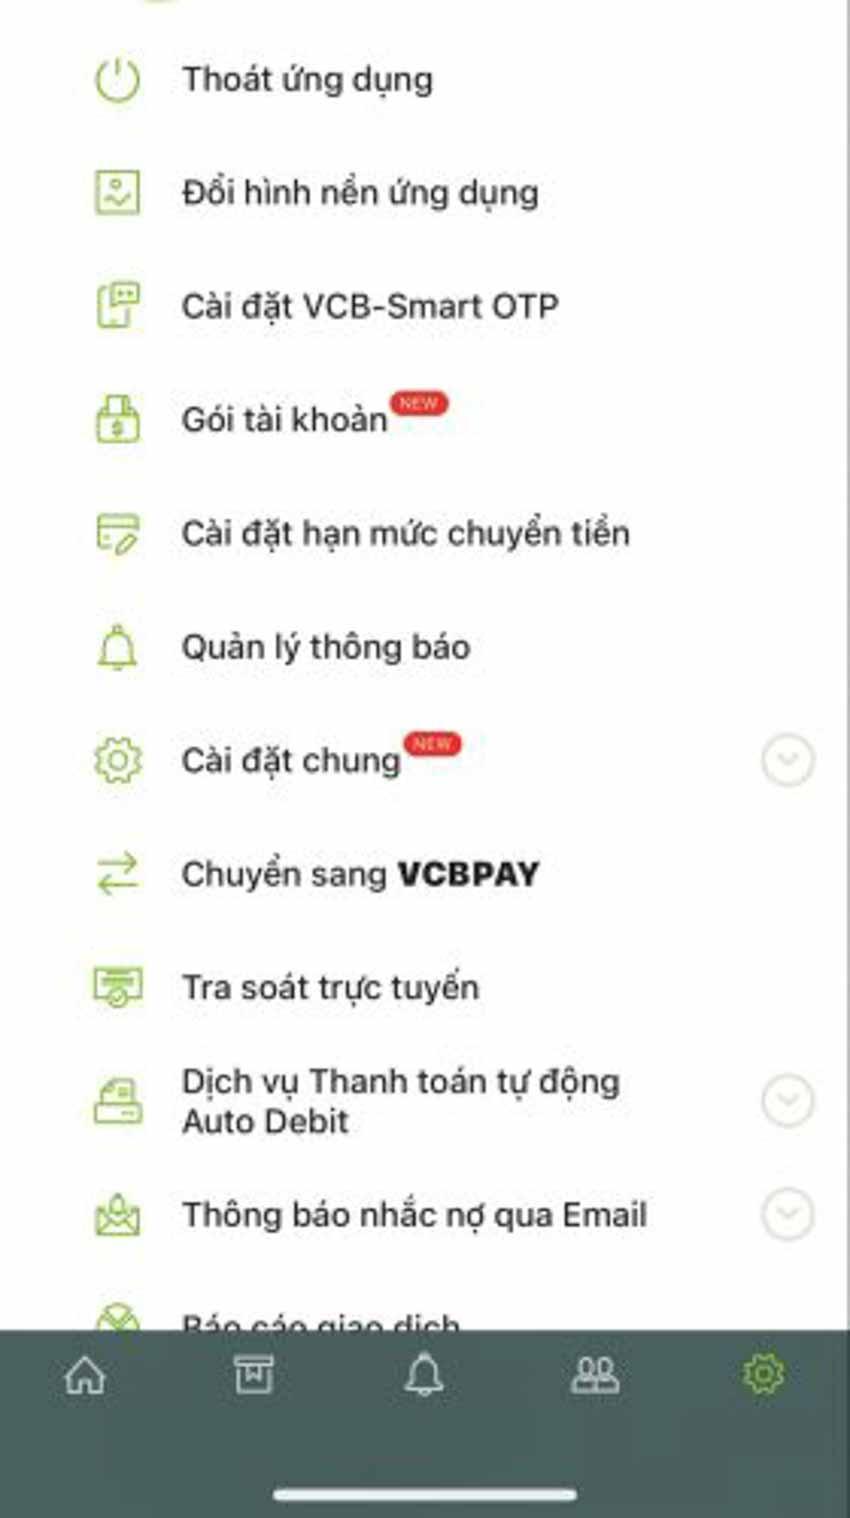 Hướng dẫn cách đổi hạn mức chuyển tiền Vietcombank - 2